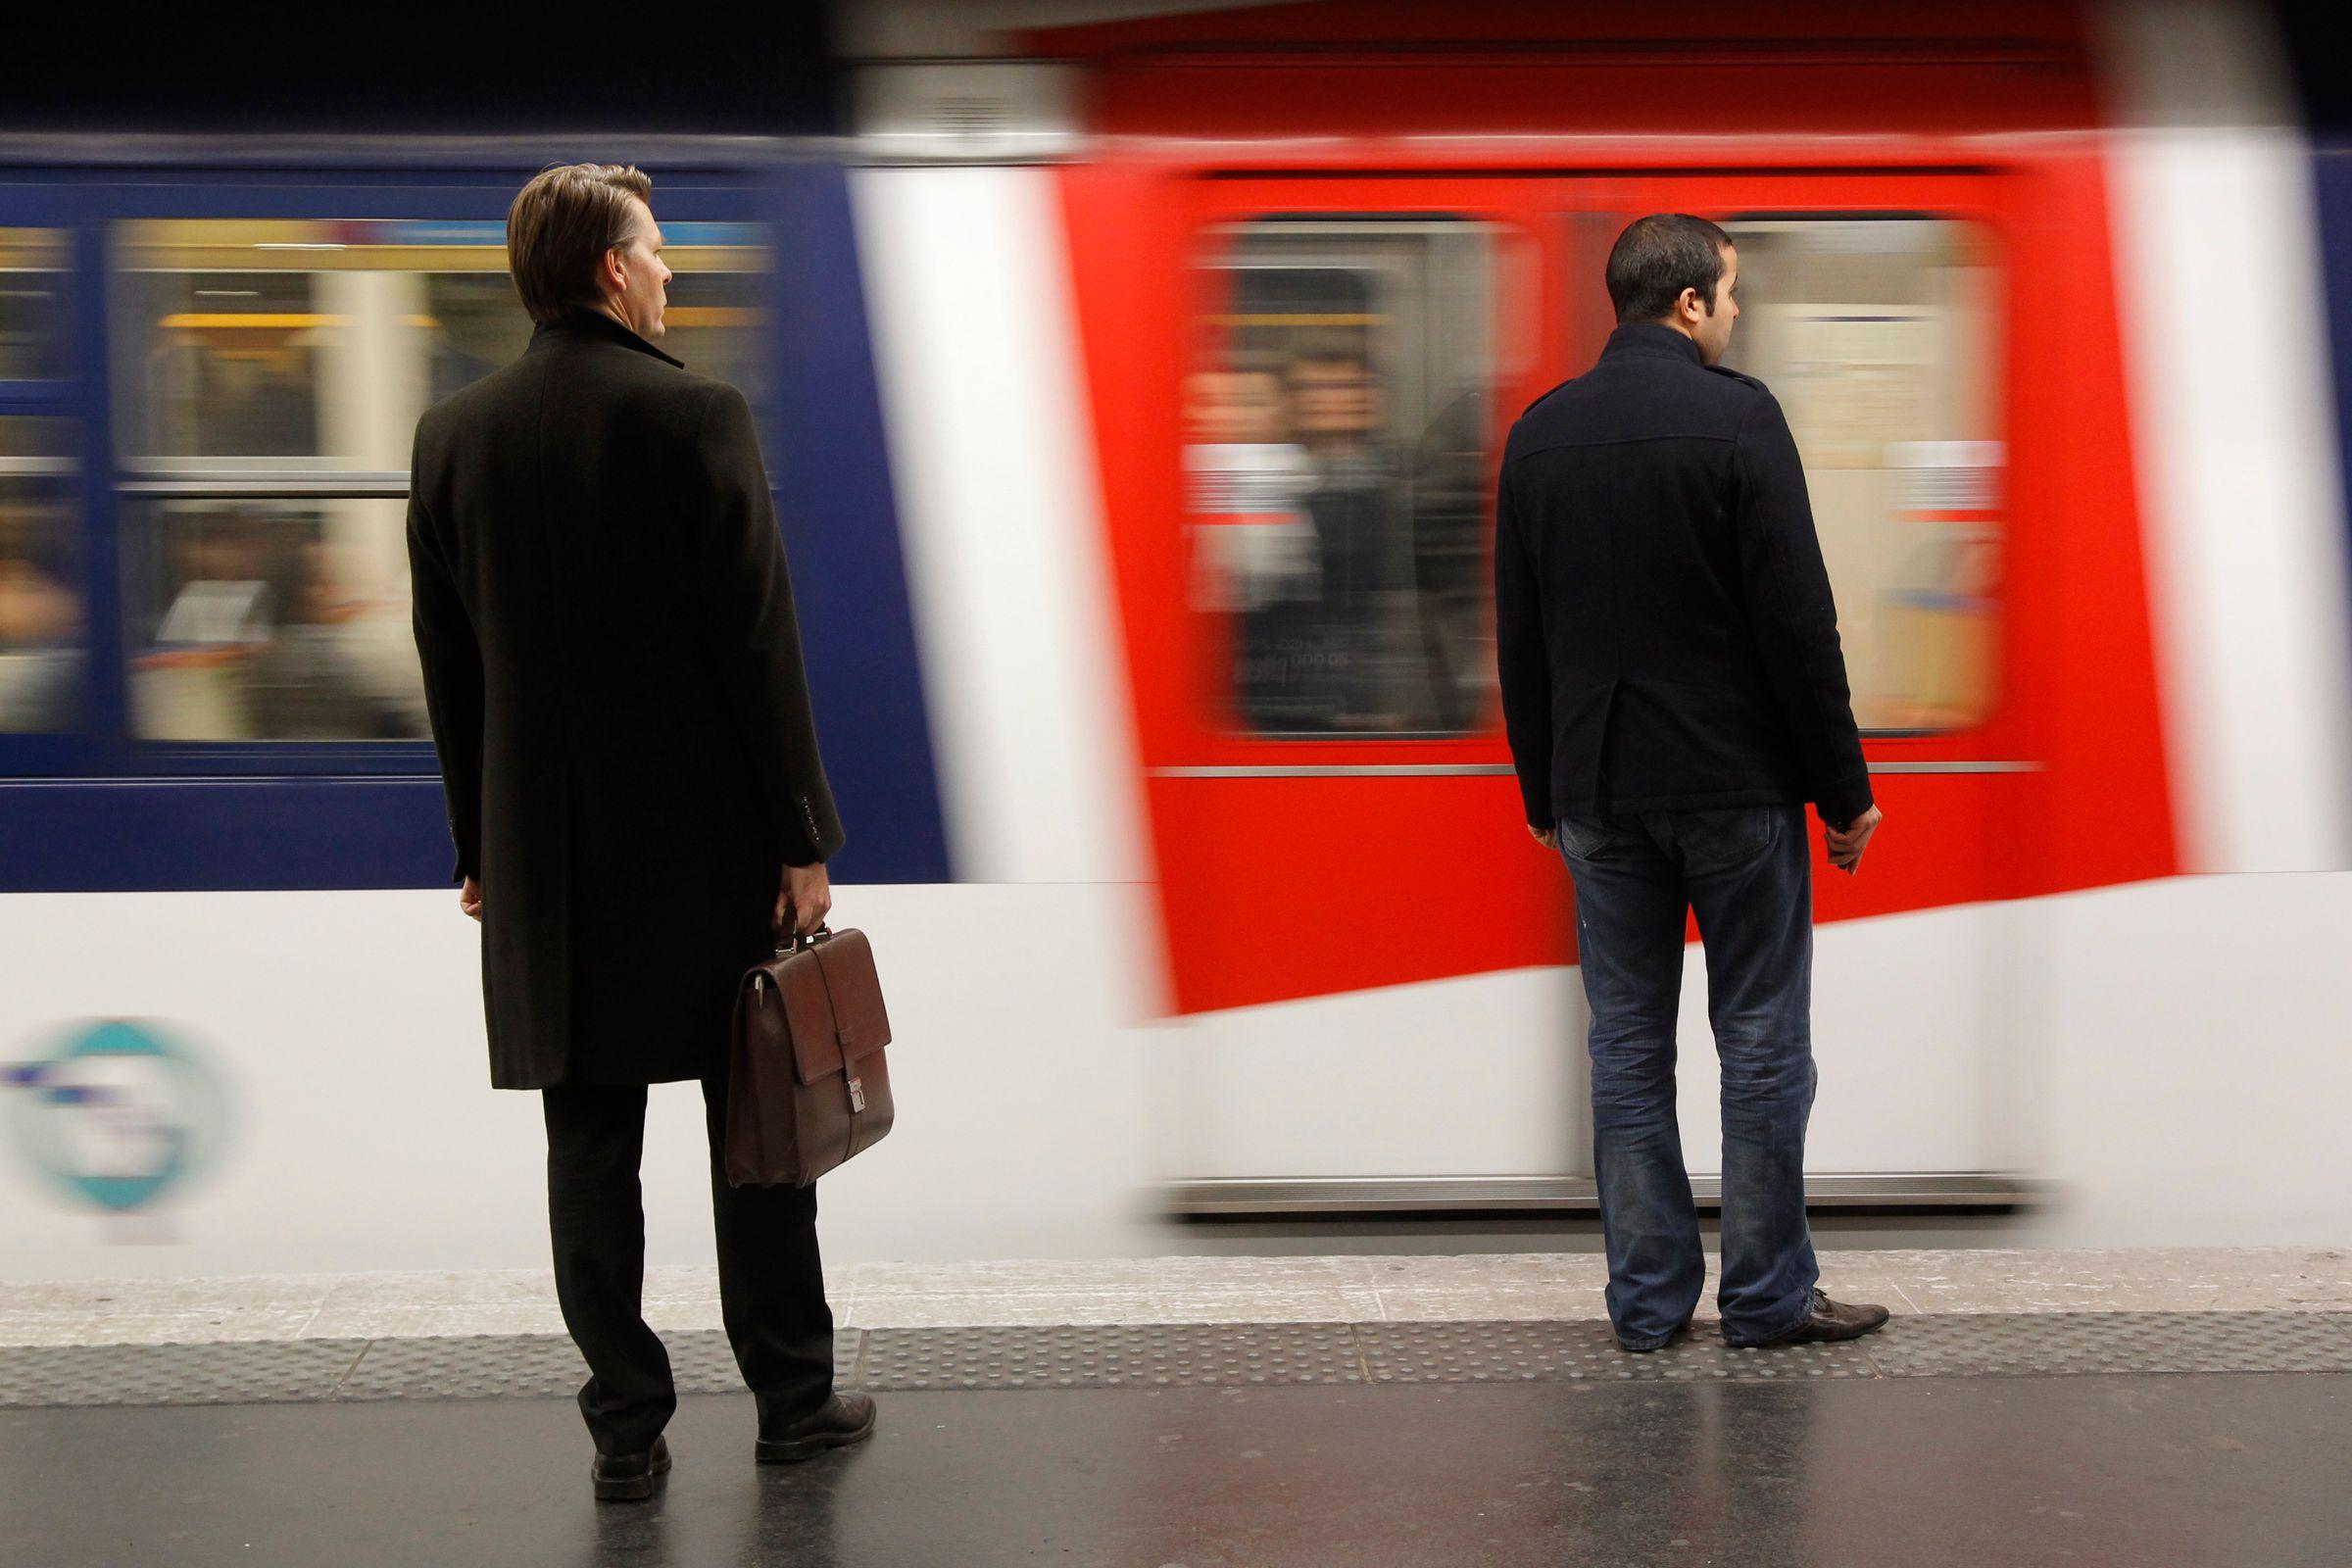 Un RER D s'est retrouvé à circuler sur la ligne B à la suite d'une erreur d'aiguillage.